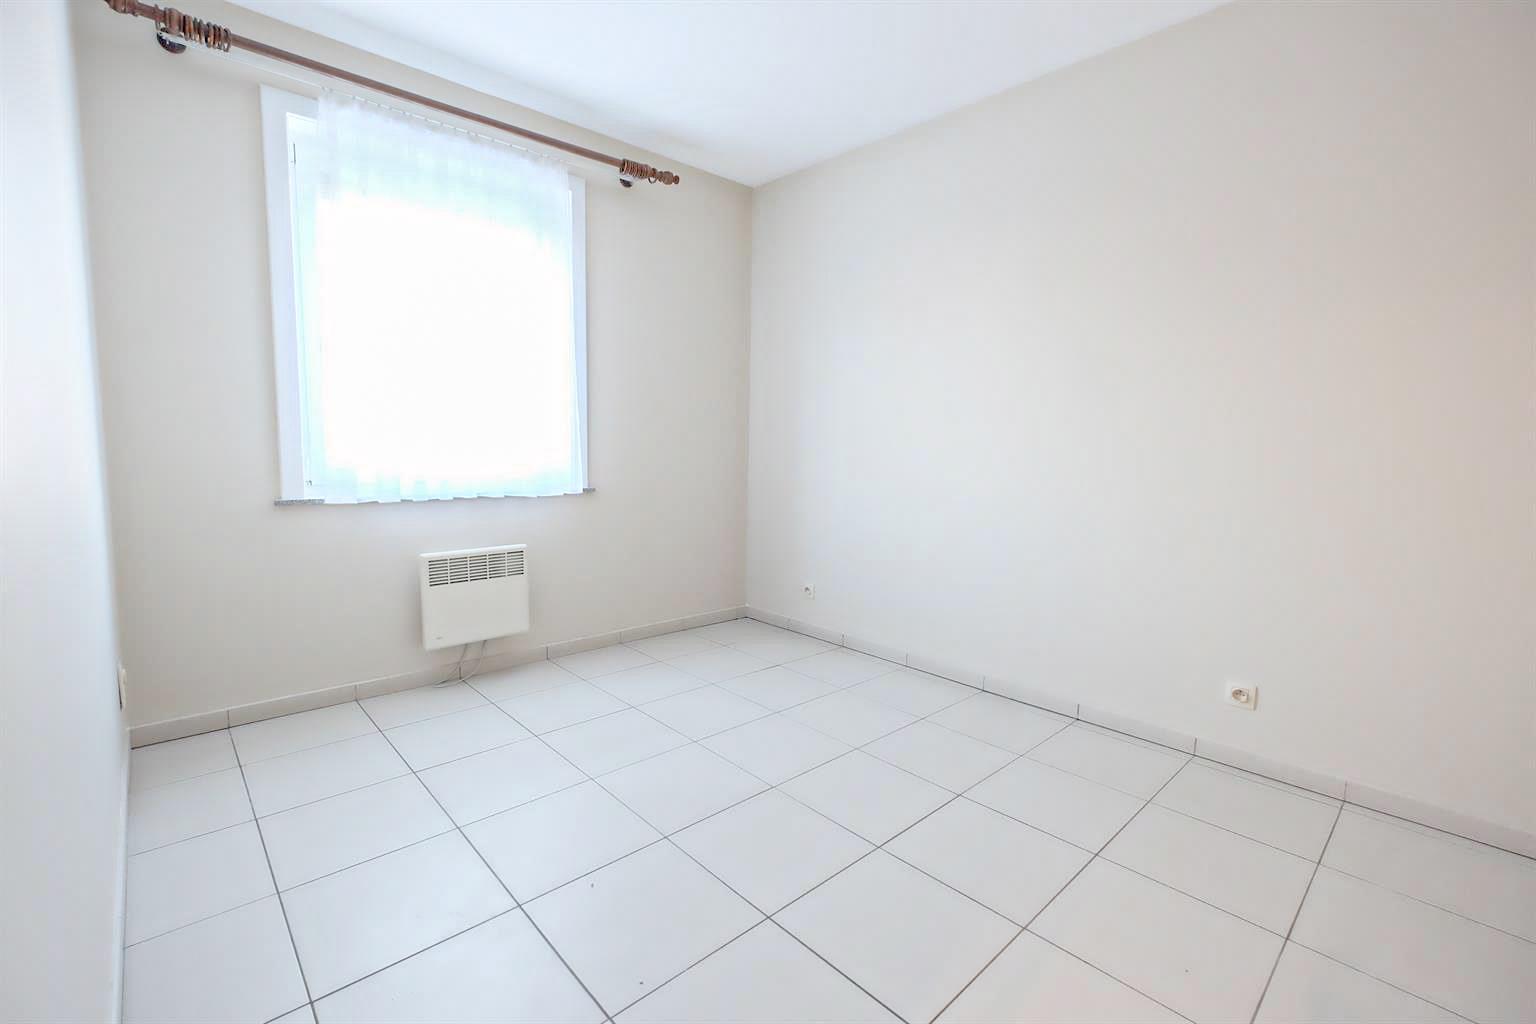 Appartement - Braine-le-Comte - #4422565-3